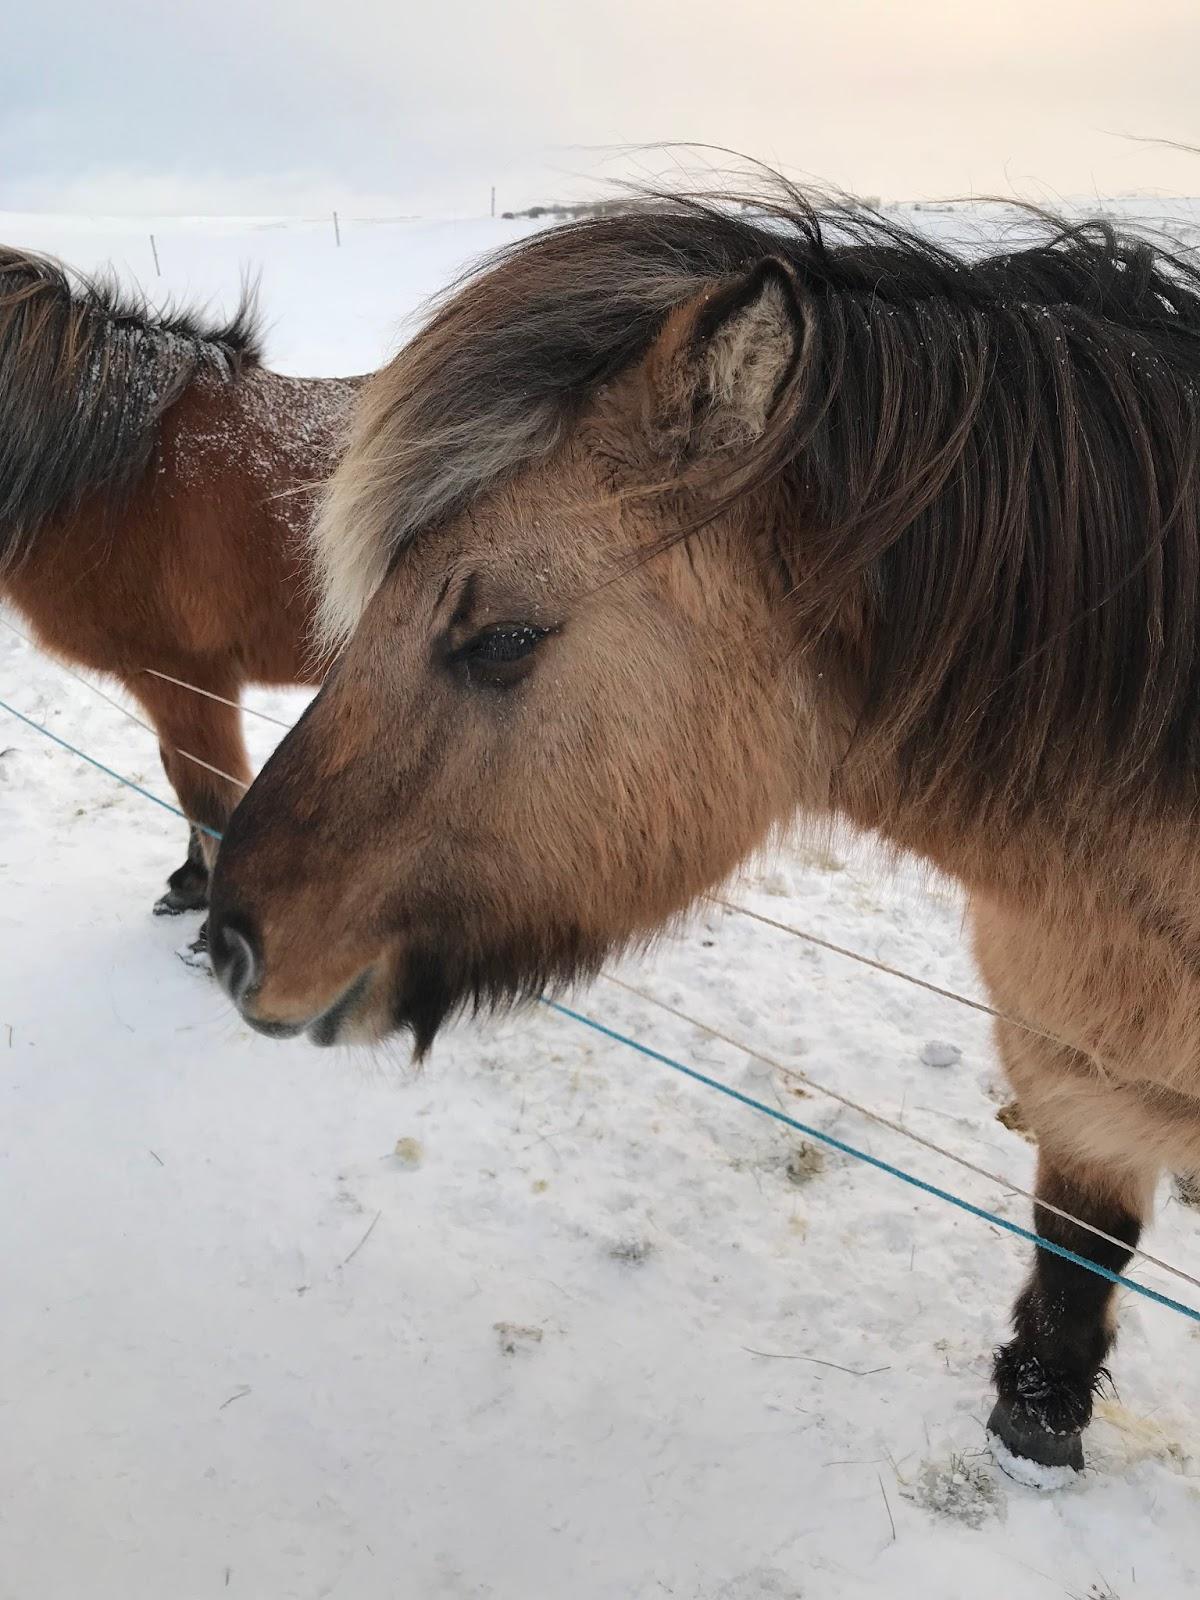 Image of Icelandic Horse